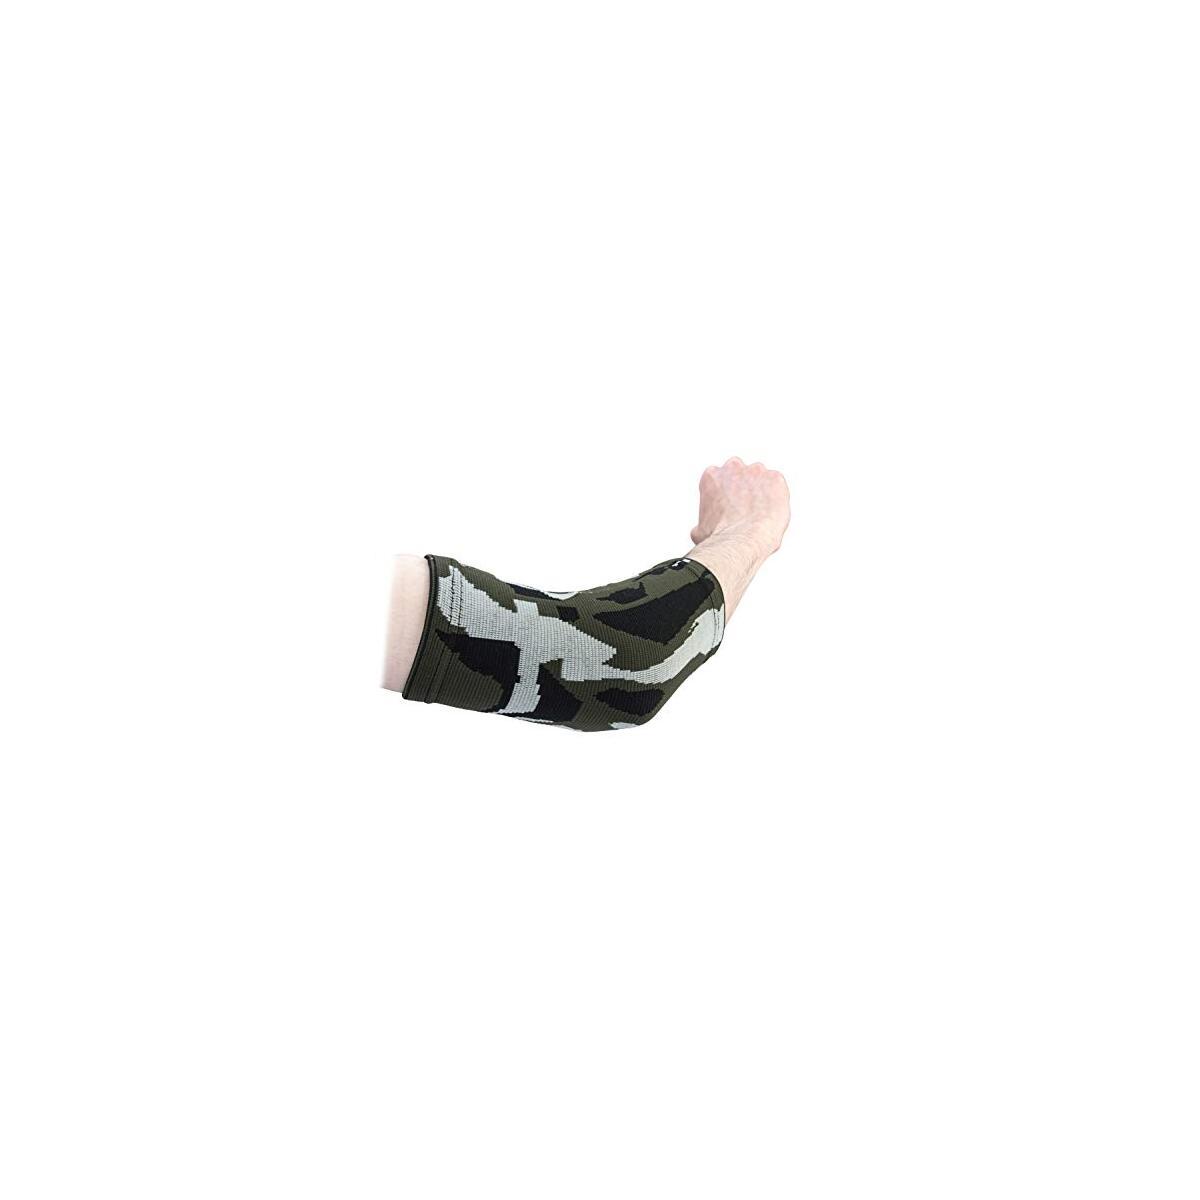 NuTuff Elbow Brace (Medium, Large & Extra Large)